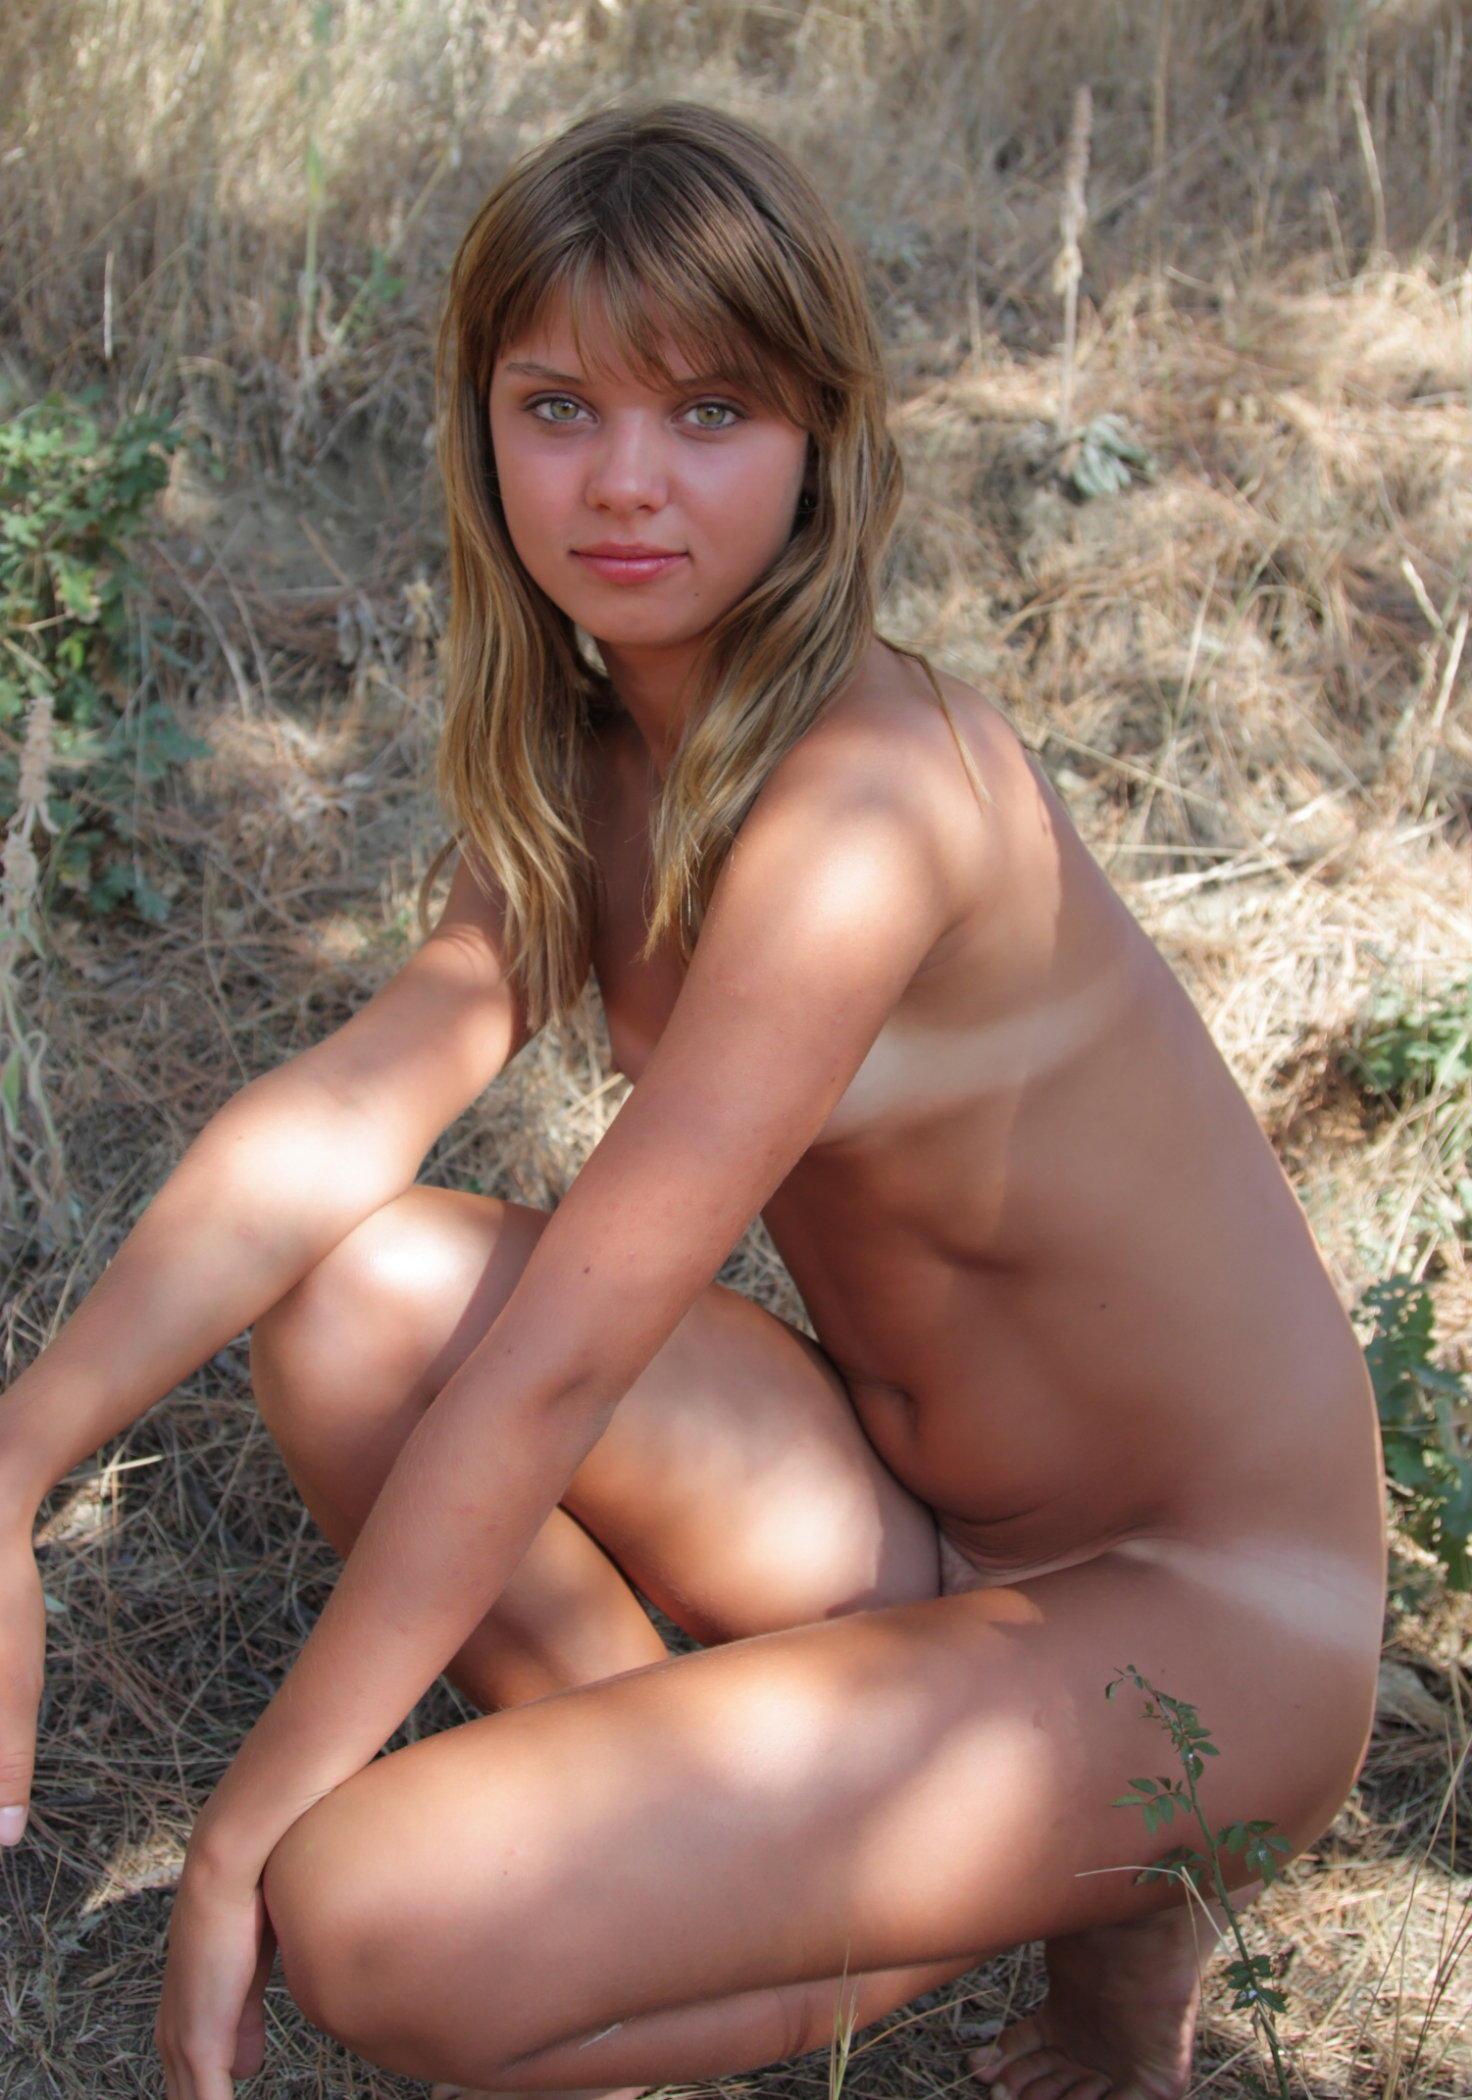 Фото девушек 18 лет голышом 5 фотография